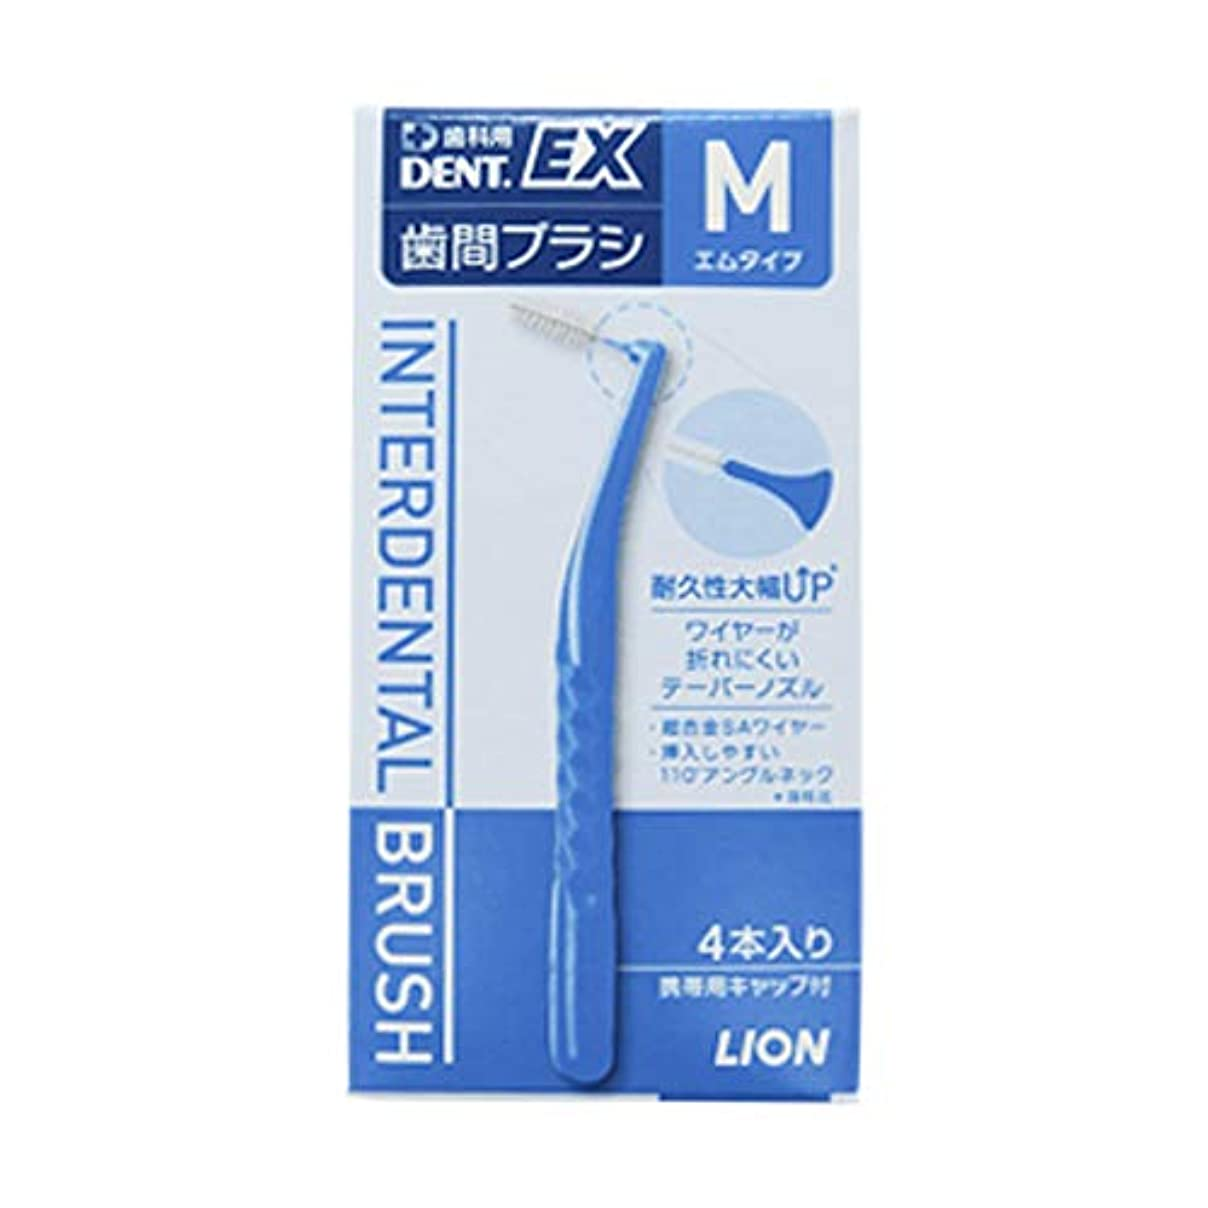 効能ある今まで周りライオン DENT.EX 歯間ブラシ 4本入 M (ブルー)